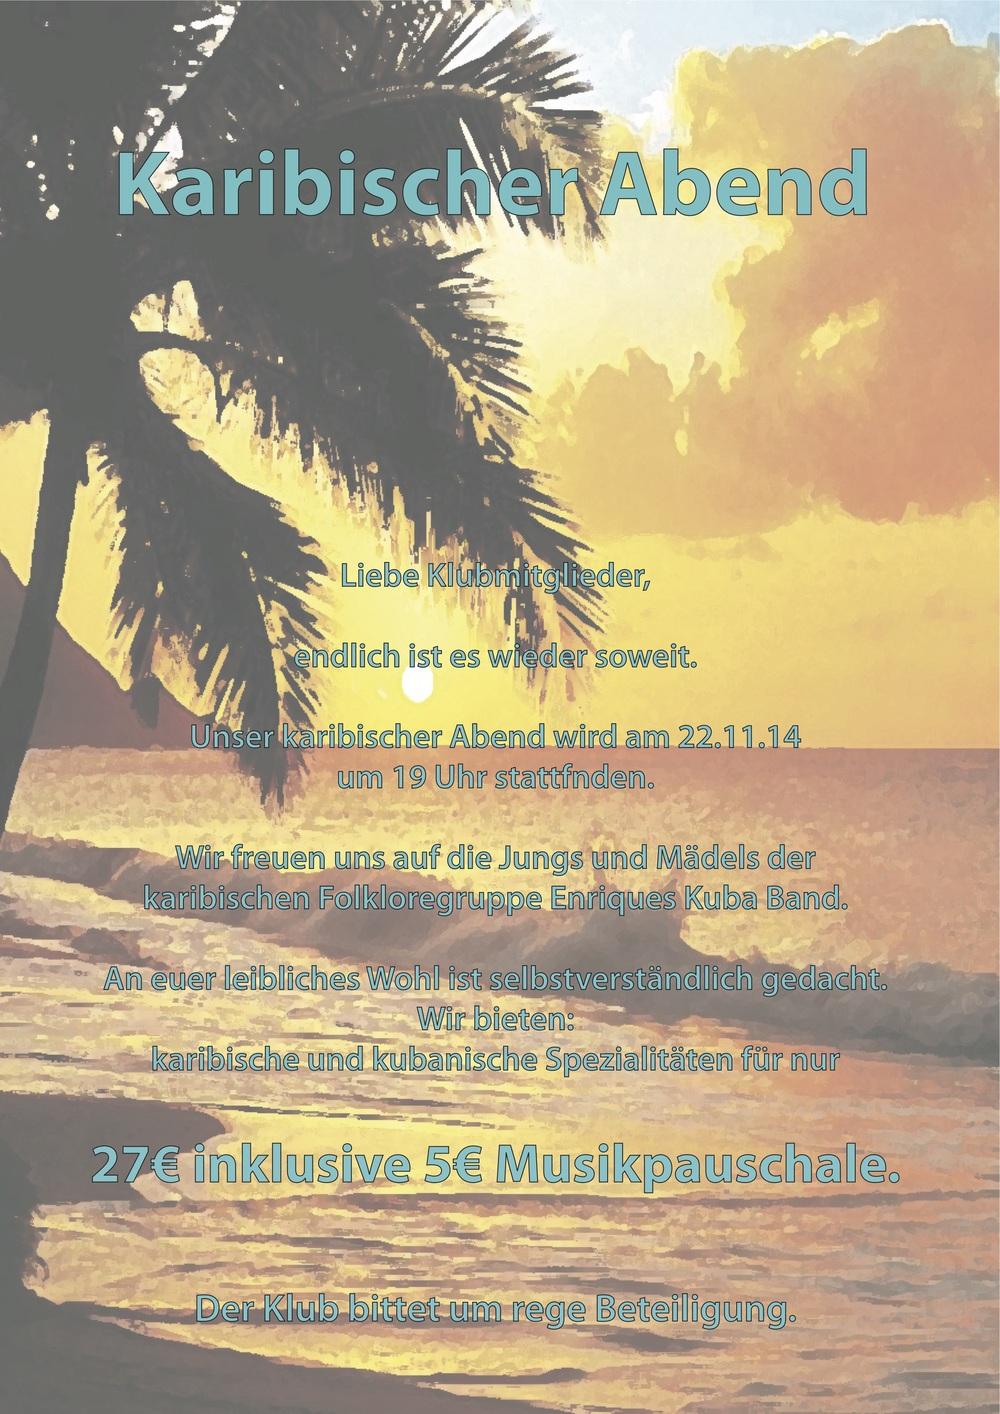 Karibischer Abend 2014